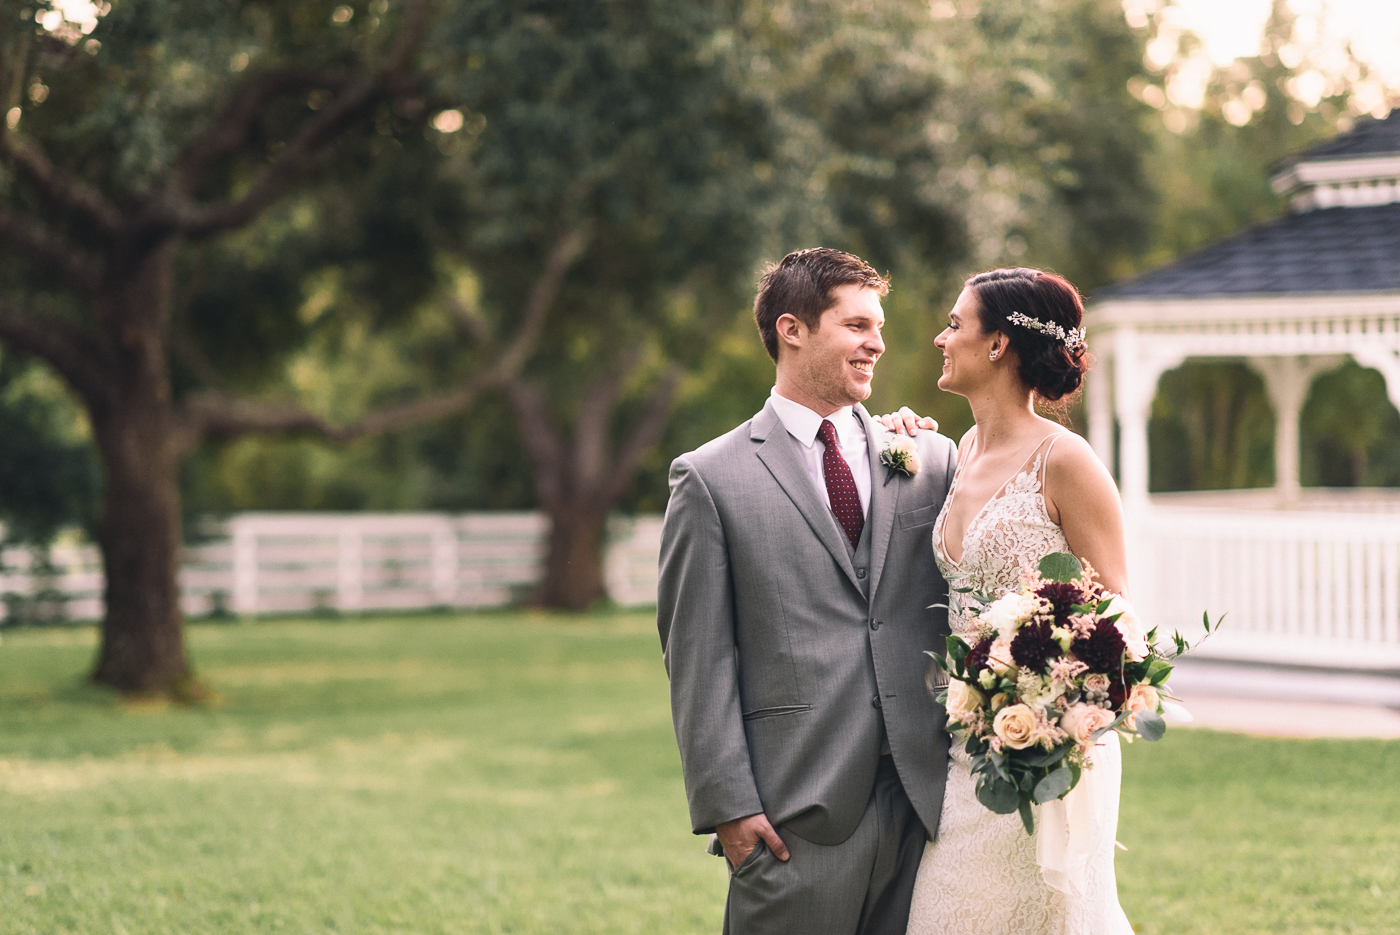 magnolia.texas.wedding (51 of 85).jpg